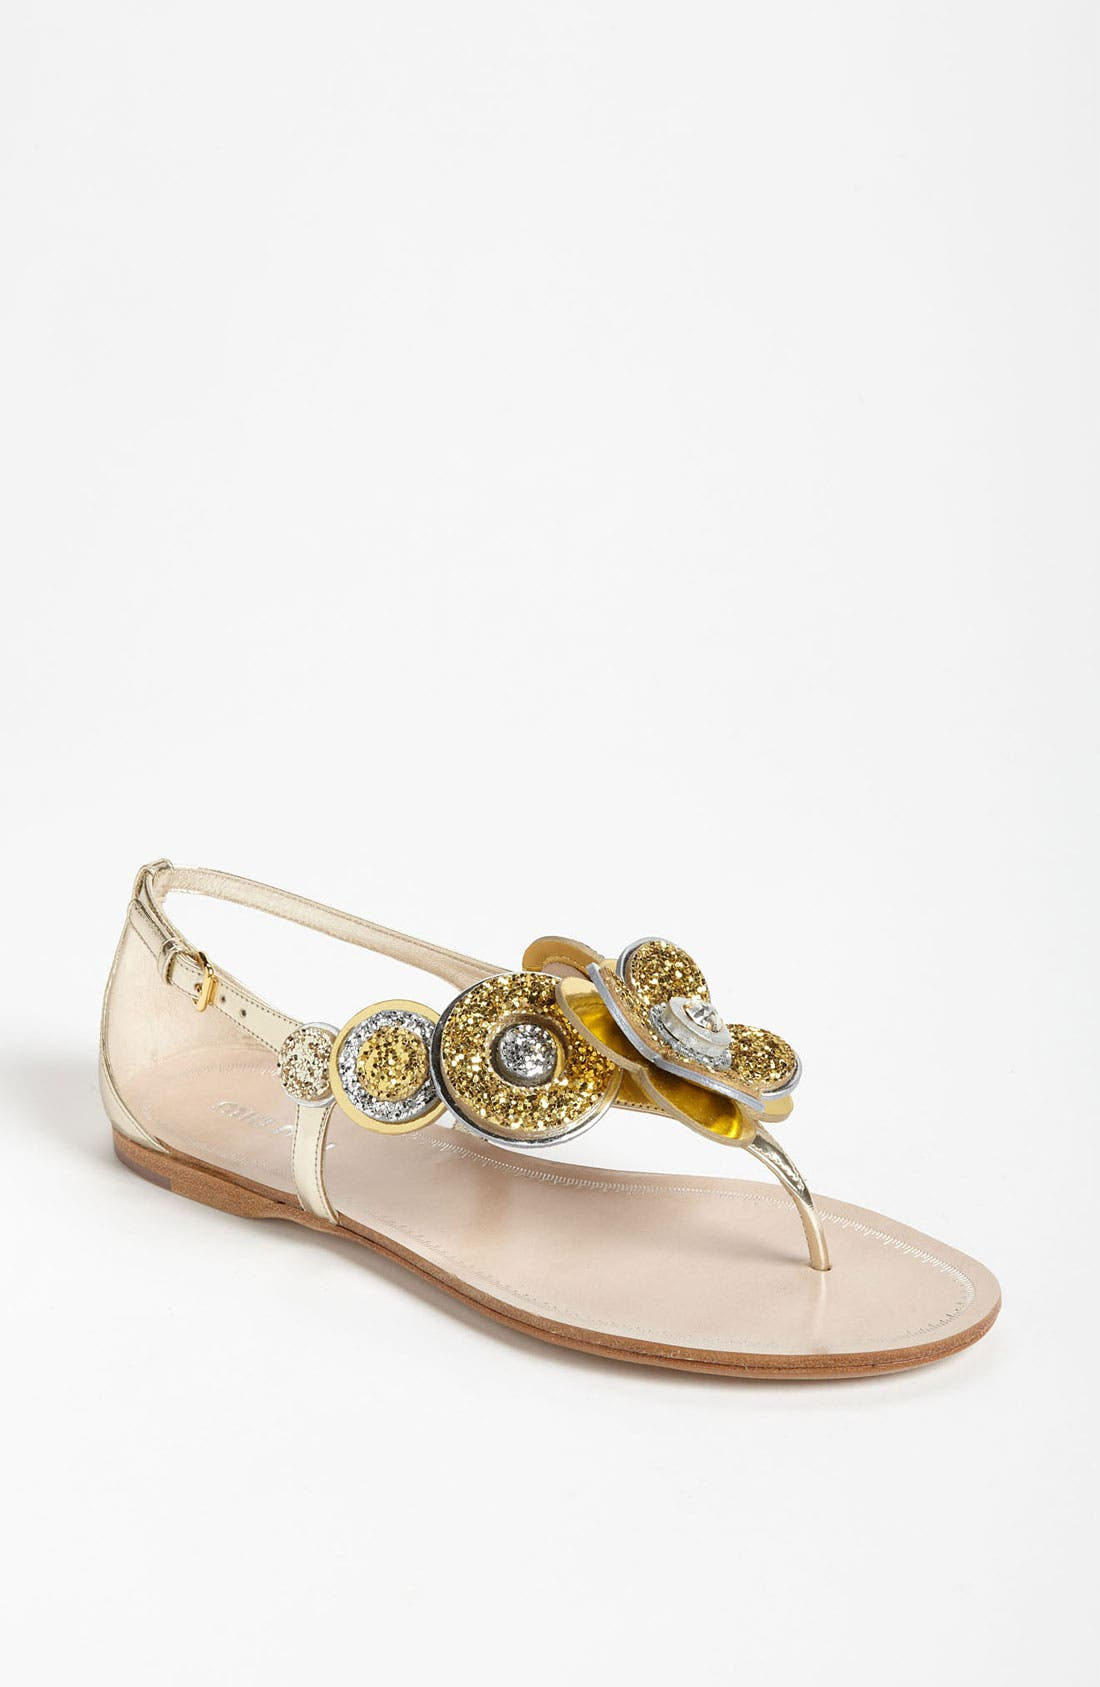 Alternate Image 1 Selected - Miu Miu Flower Thong Sandal